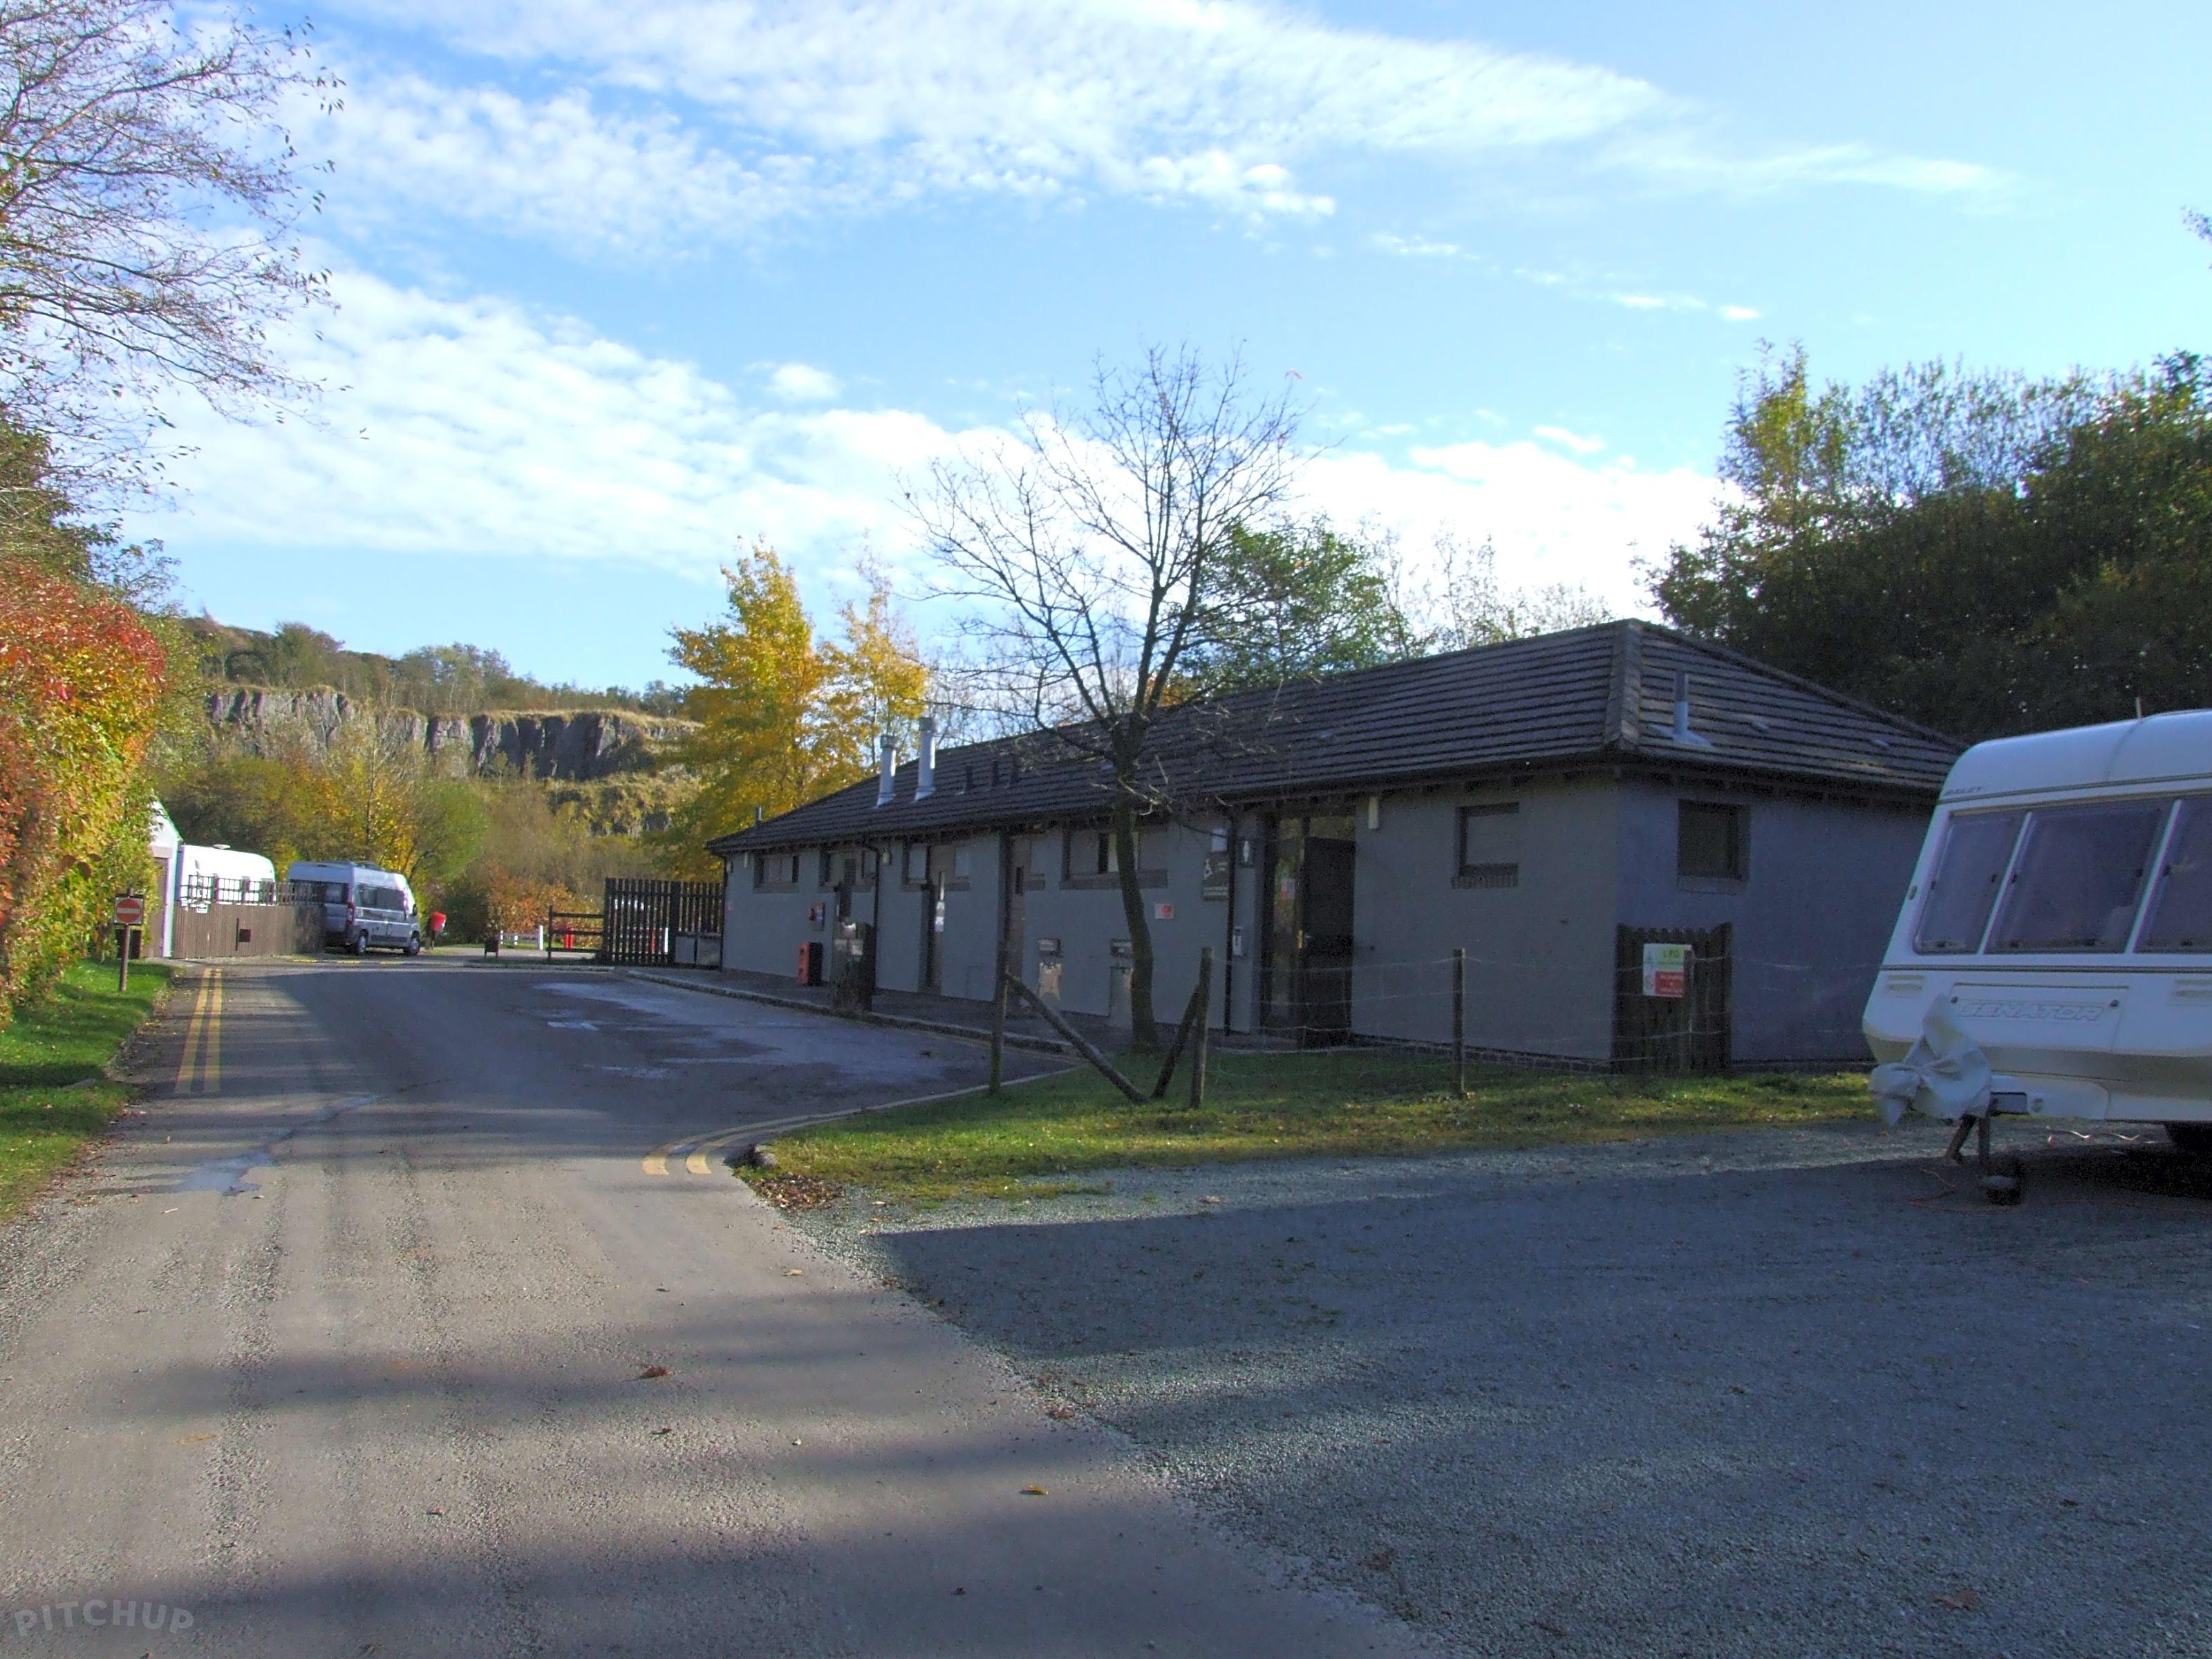 5a7fcc0fcec Grin Low Caravan Club Site, Buxton - Pitchup®